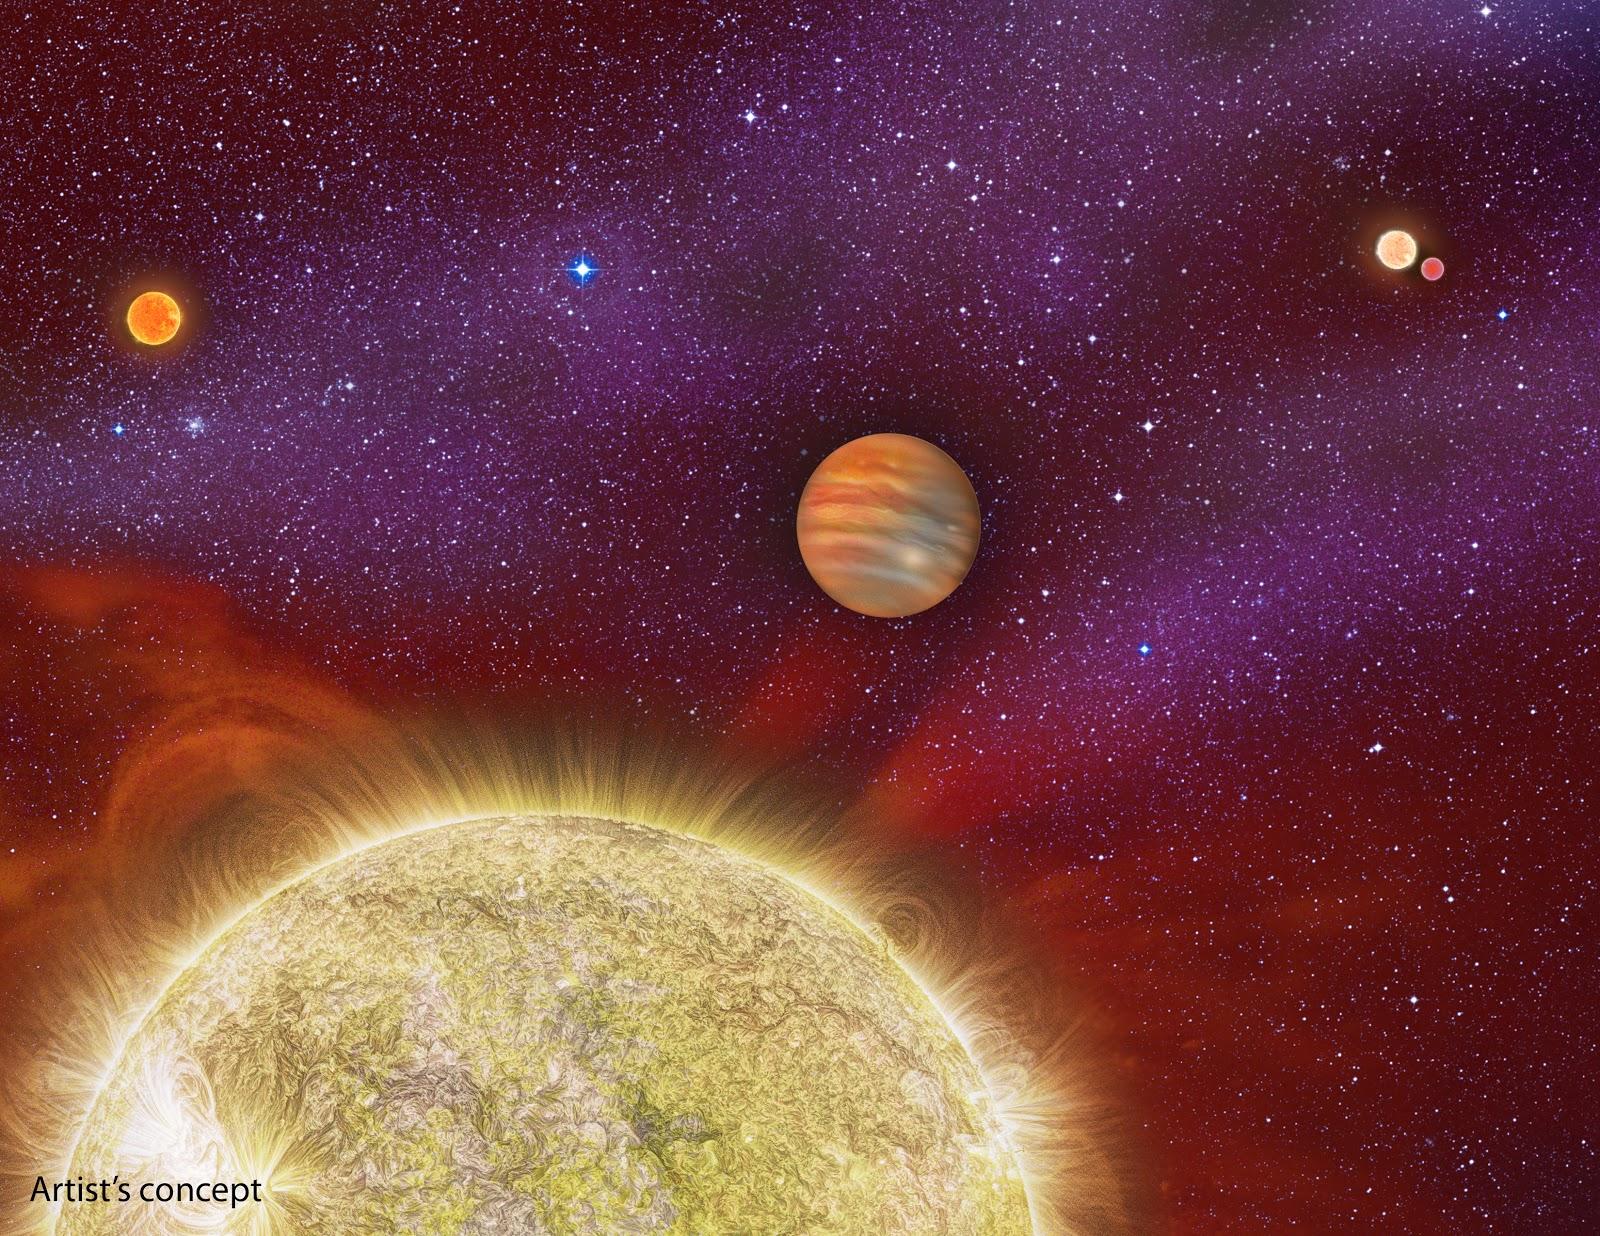 Dört yıldızlı bir sistemde bulunan bir gezegen keşfedildi (30 Ari b güneş sistemi)